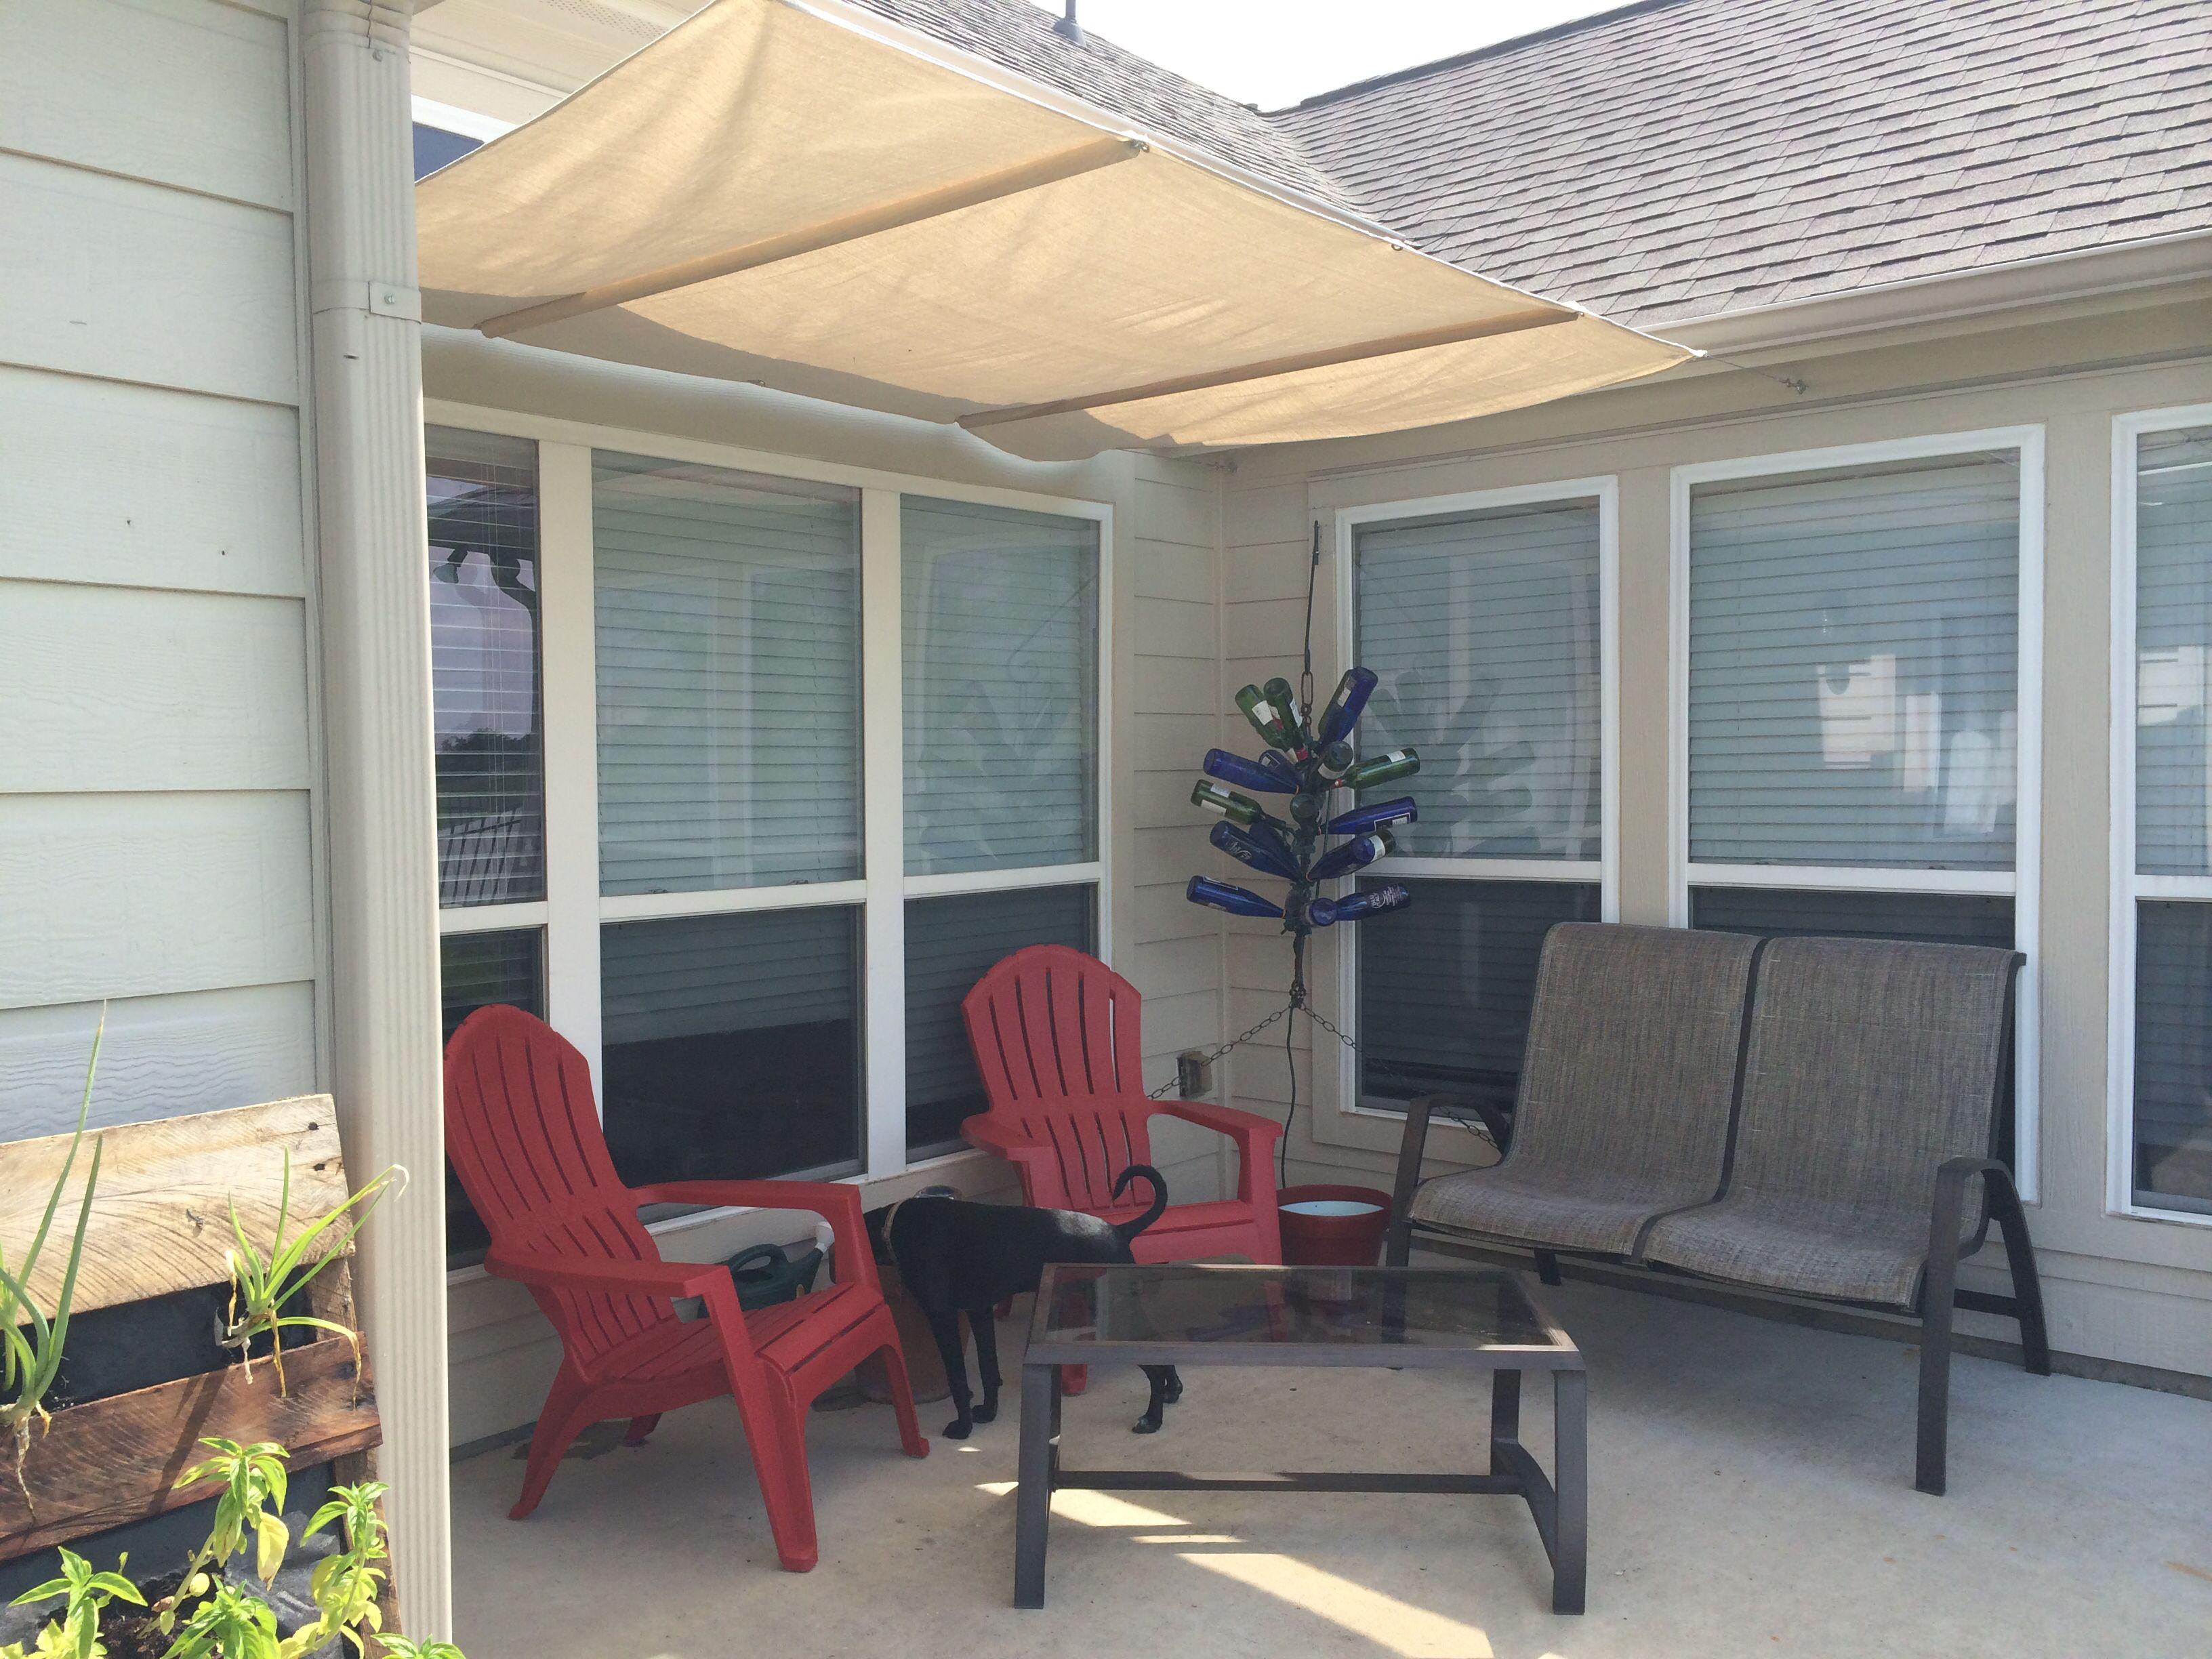 diy canvas drop cloth patio cover